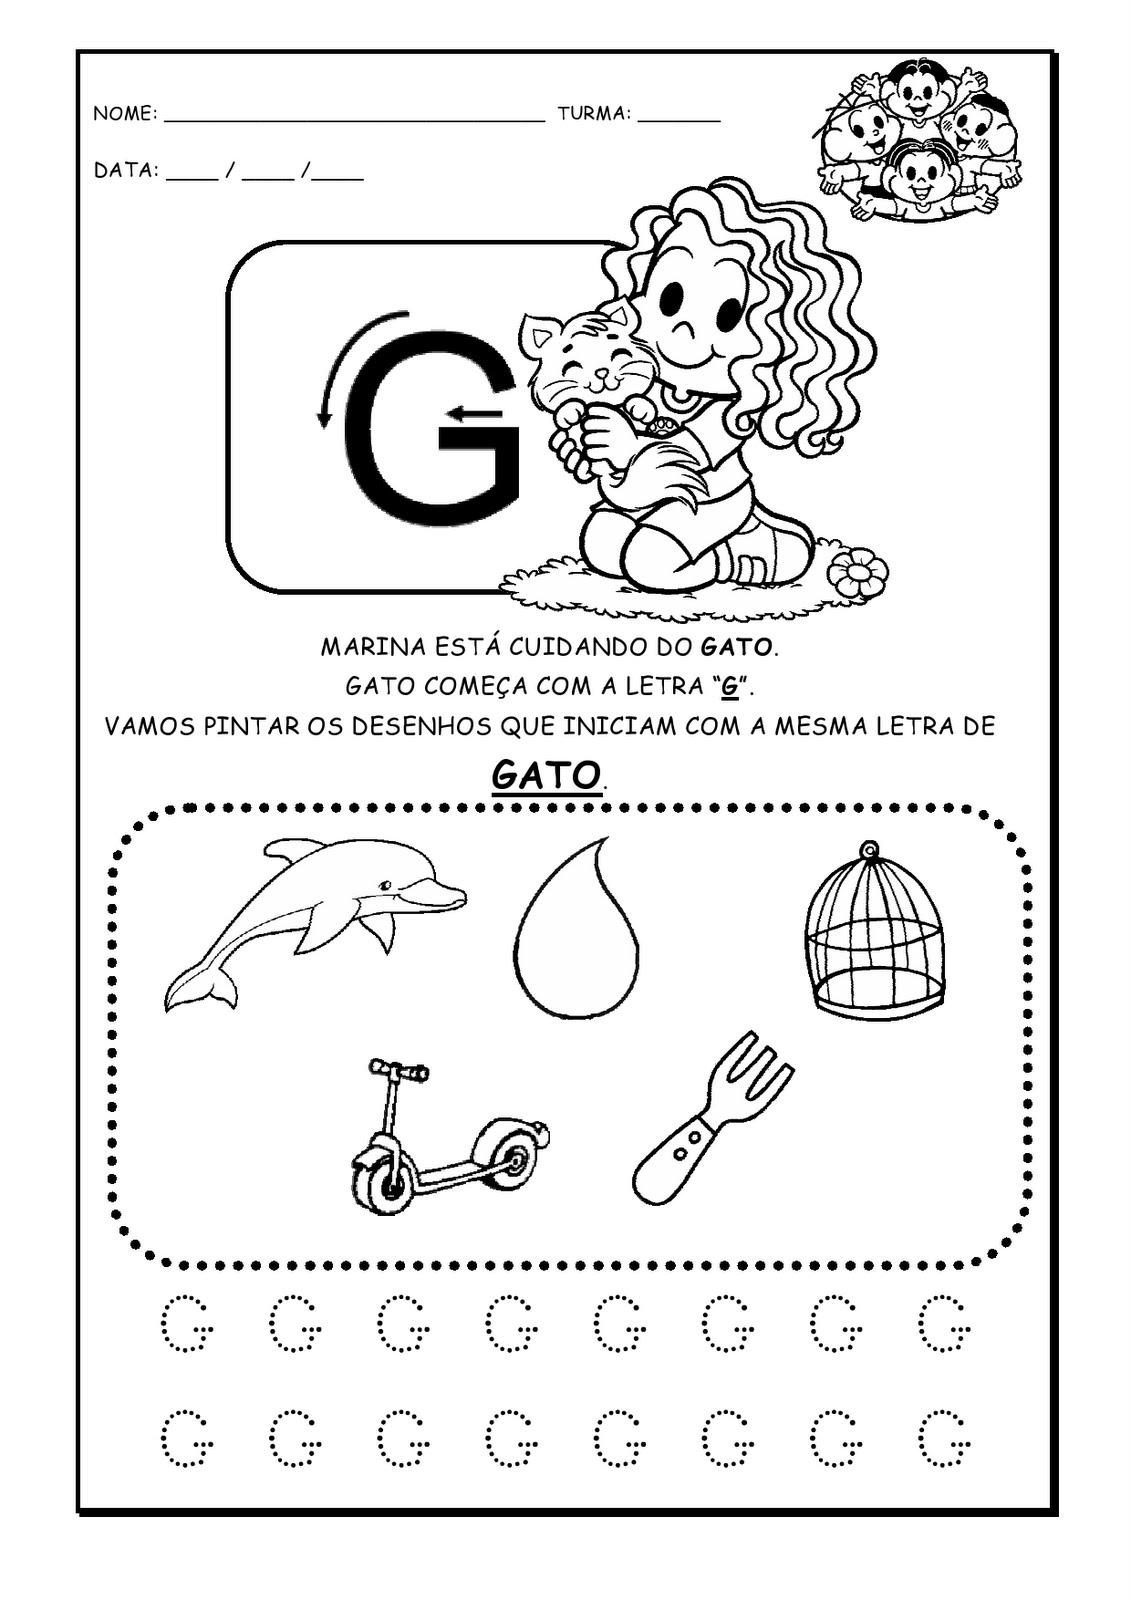 Well-known A Arte de Educar: Alfabeto - atividades WS64